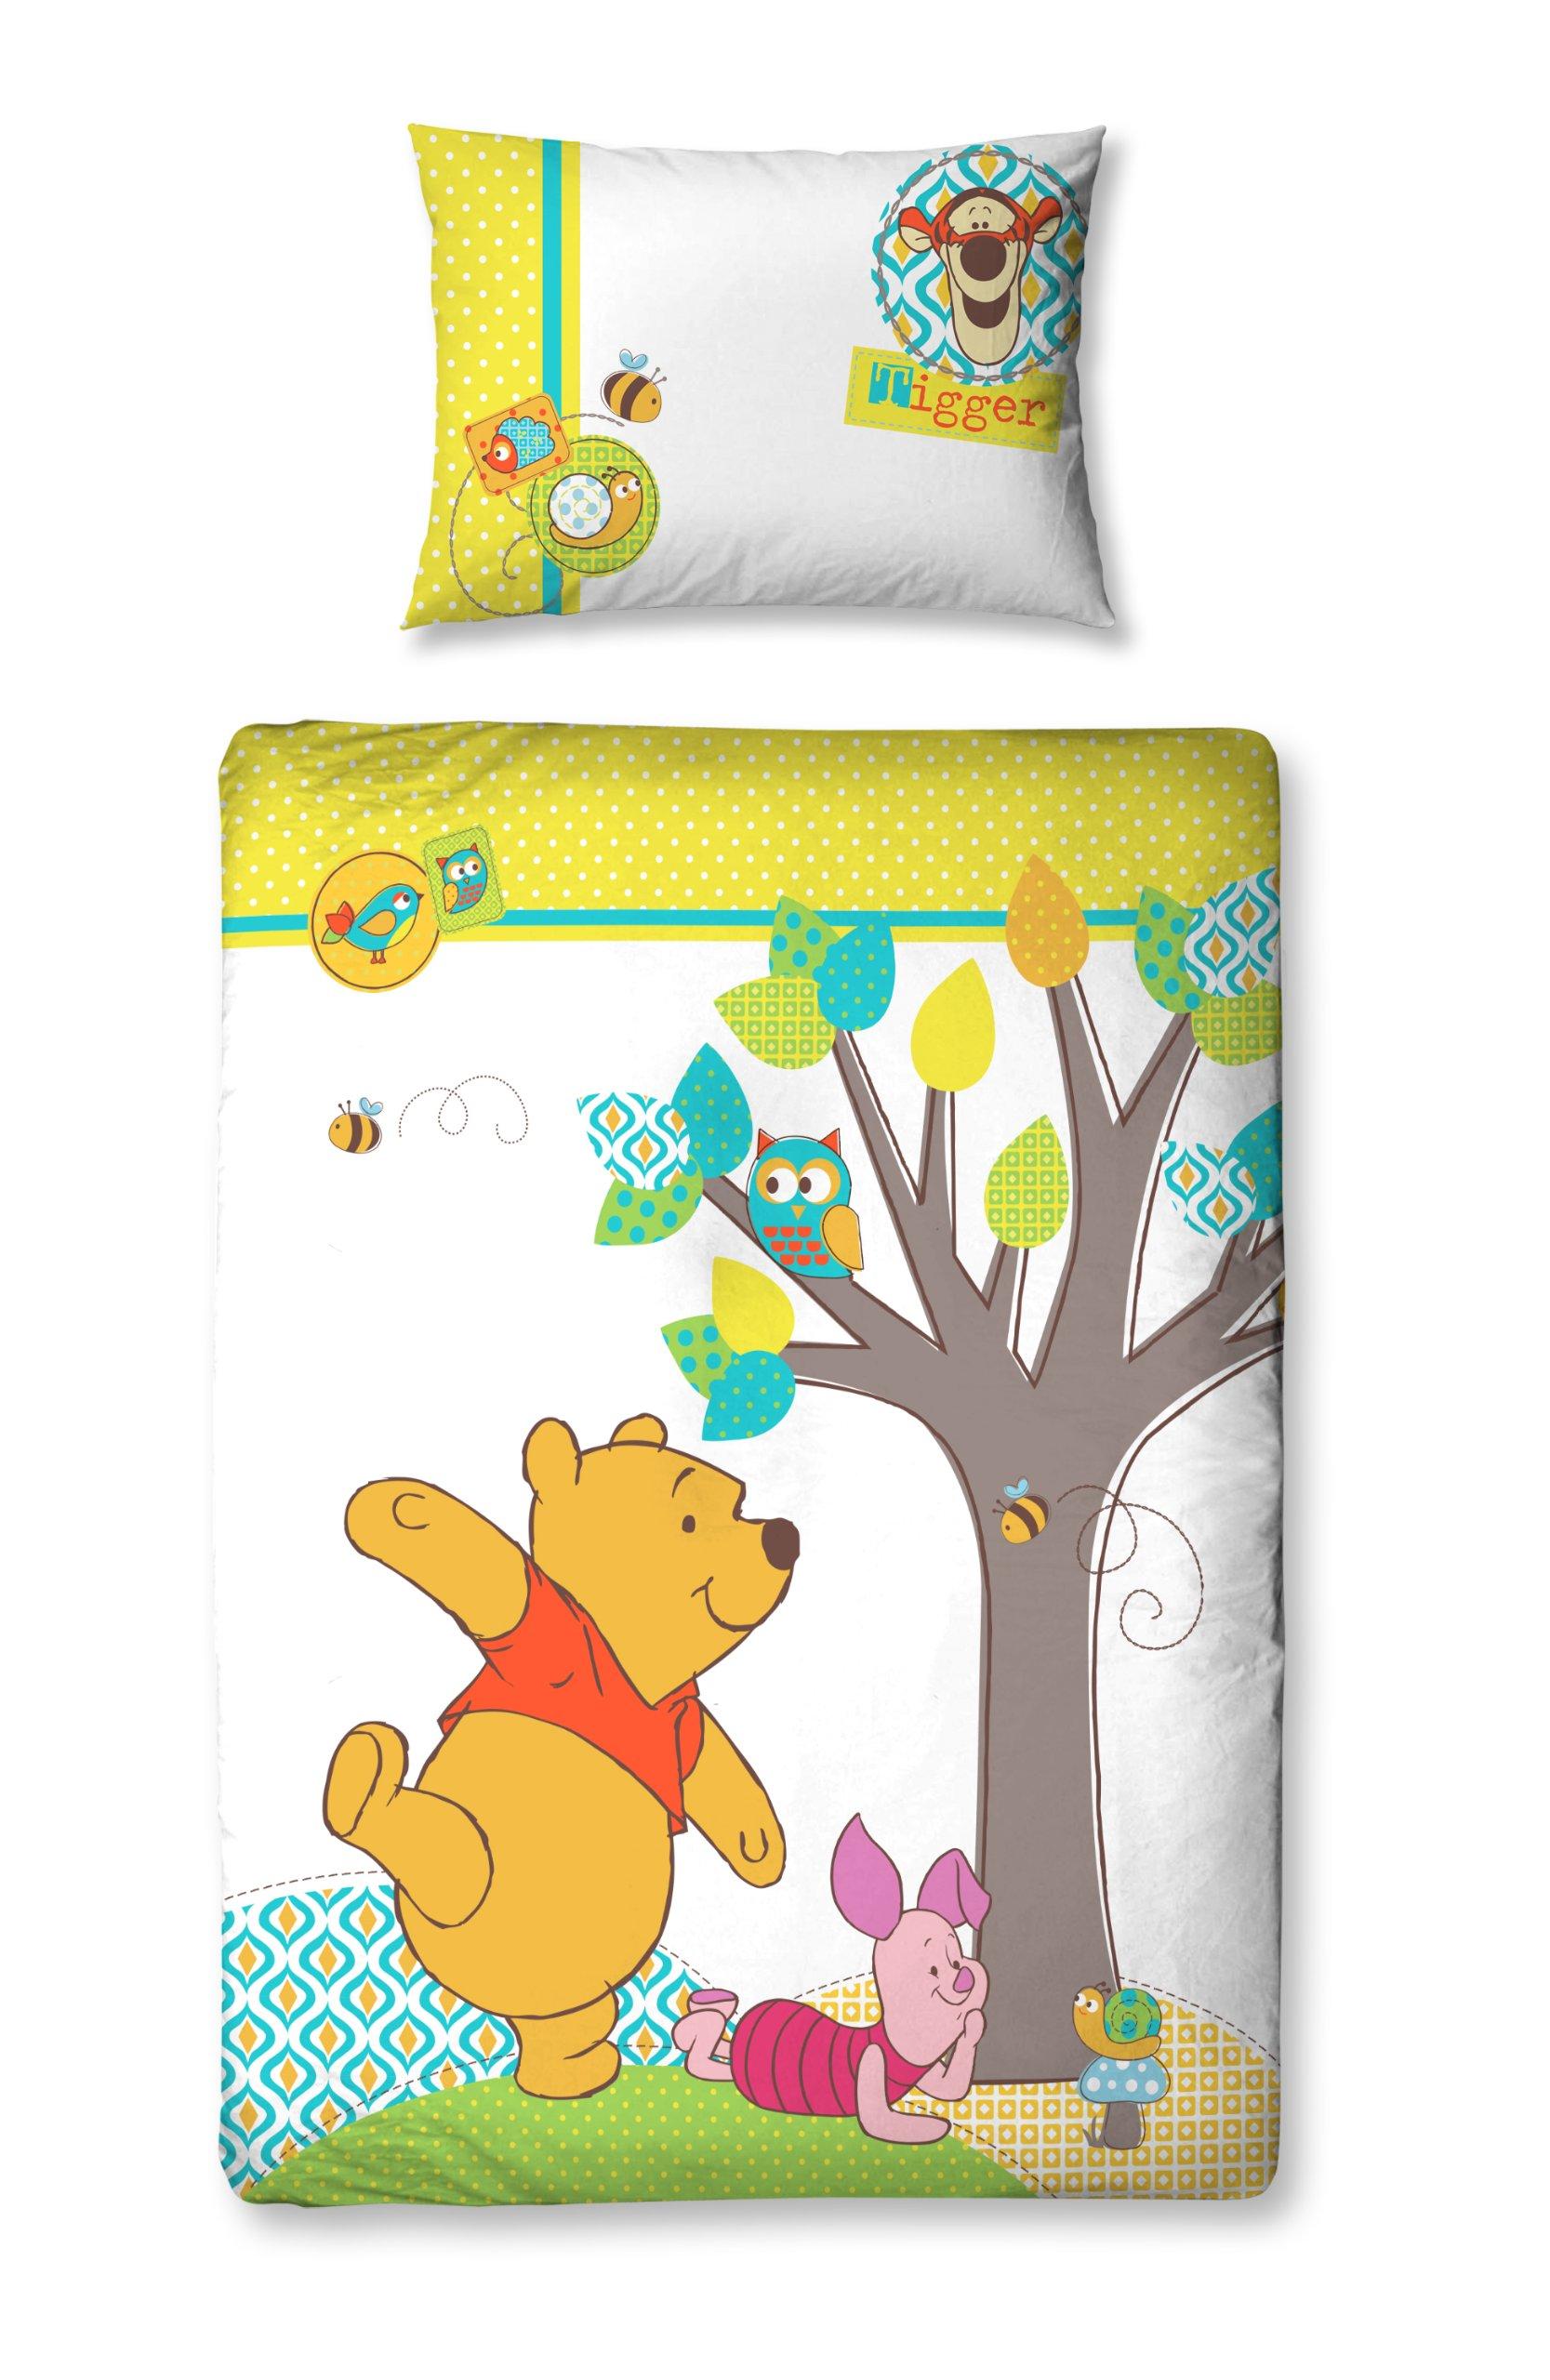 Copripiumino Winnie The Pooh.Dettagli Su Character World Disney Winnie The Pooh Forest Completo Copripiumino 125 D1e